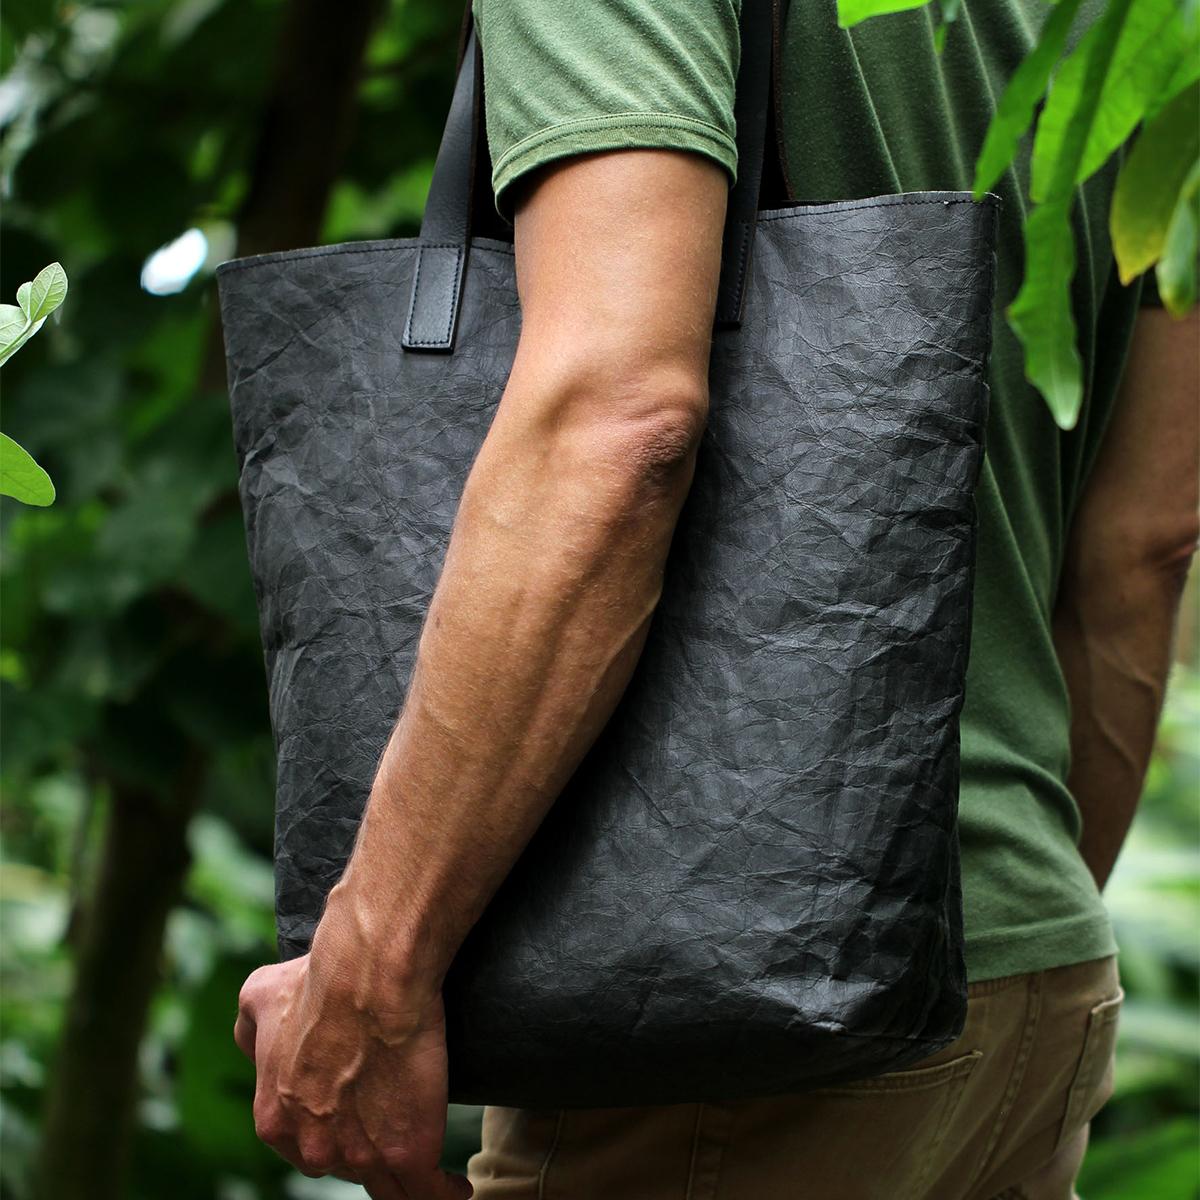 使えば使うほど魅力的に。紙のバッグは経年変化を楽しむ|「PAPIER LANGACKERHÄUSL」の紙のバッグ|エシカルグッズを取り入れた、気持ち良い生活を始めよう。素敵なストーリーを持った商品を選んでみませんか?